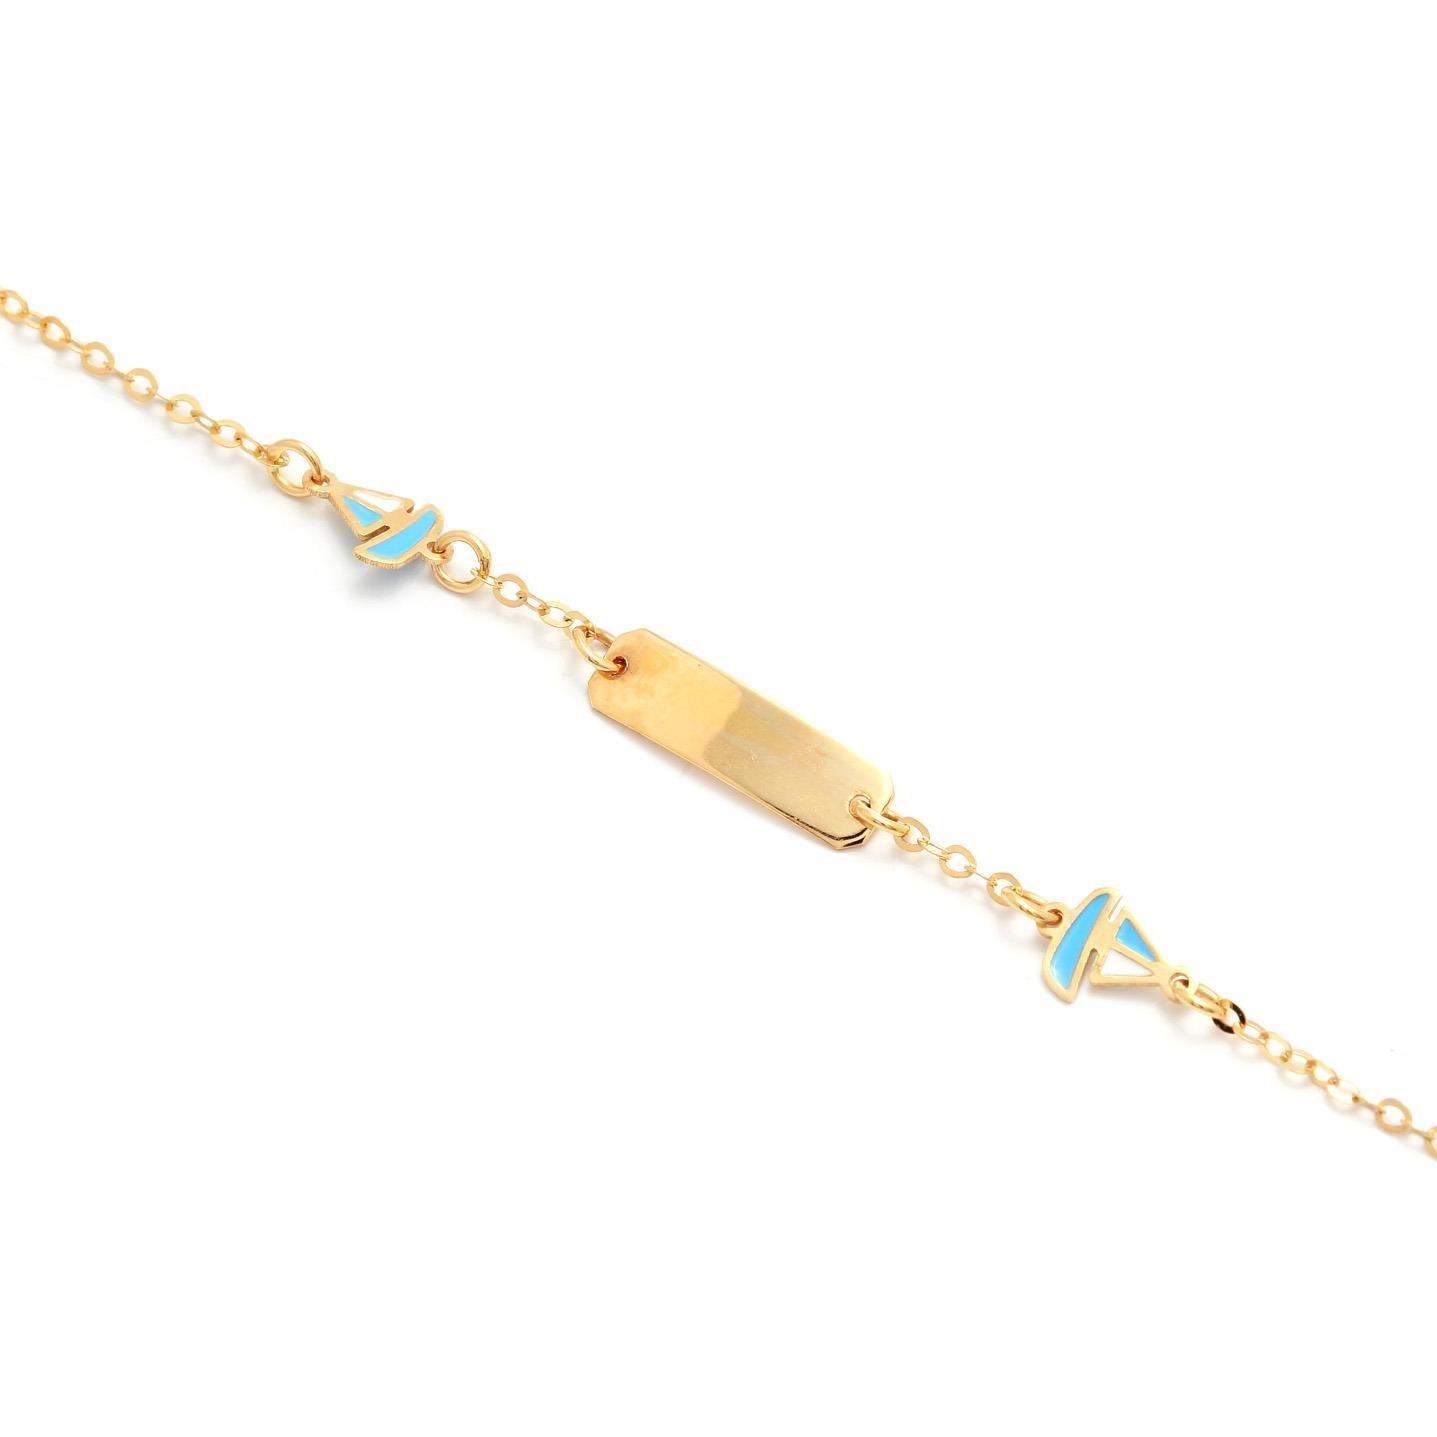 Zlatý detský náramok s lodičkami 5MZ00040